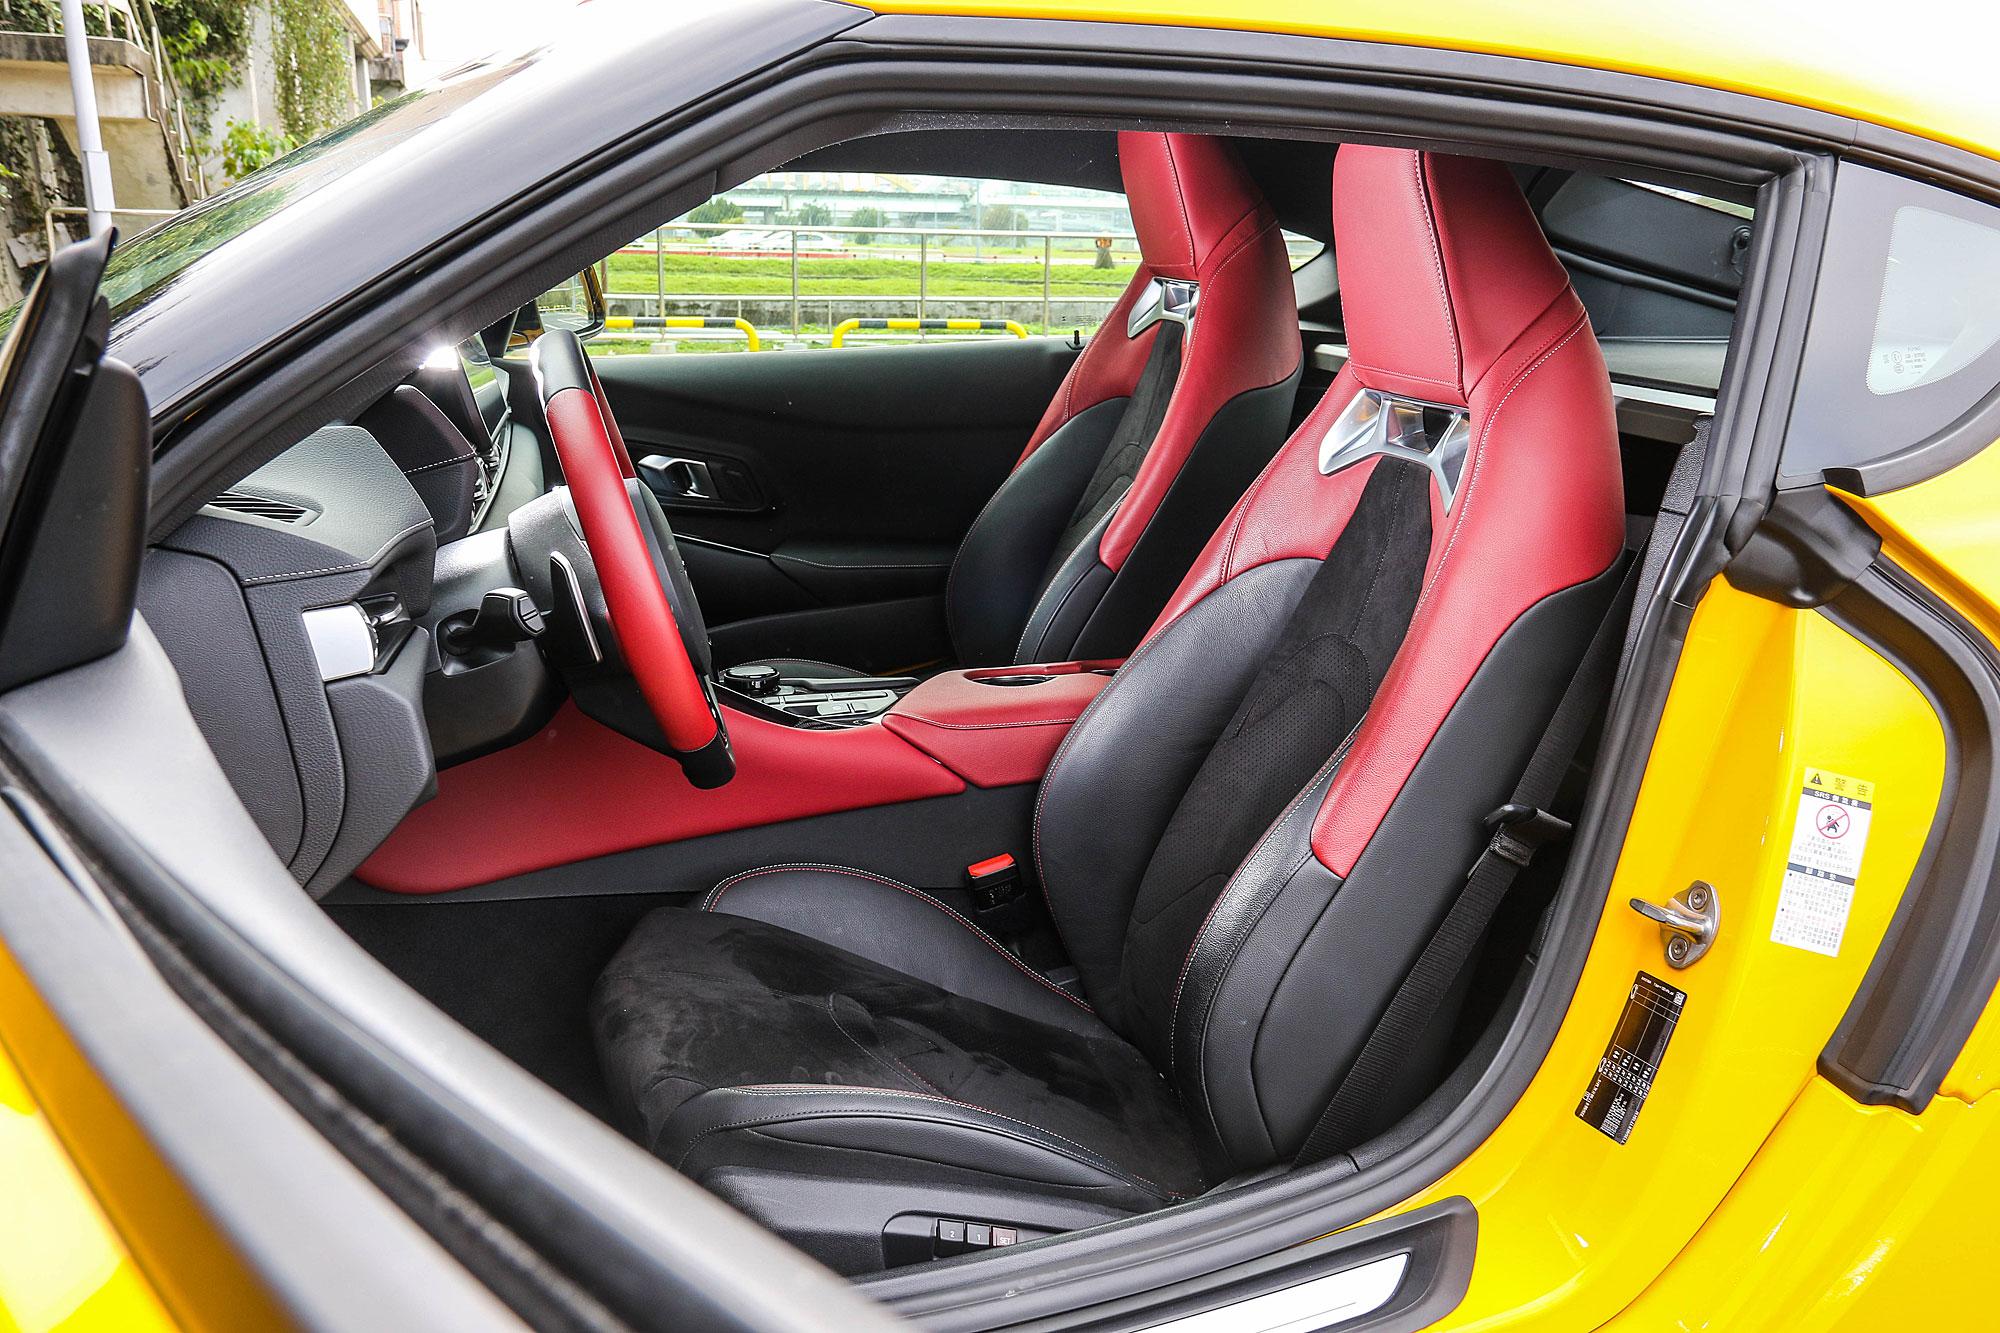 兩張桶型跑車座椅同樣使用紅黑雙色搭配。